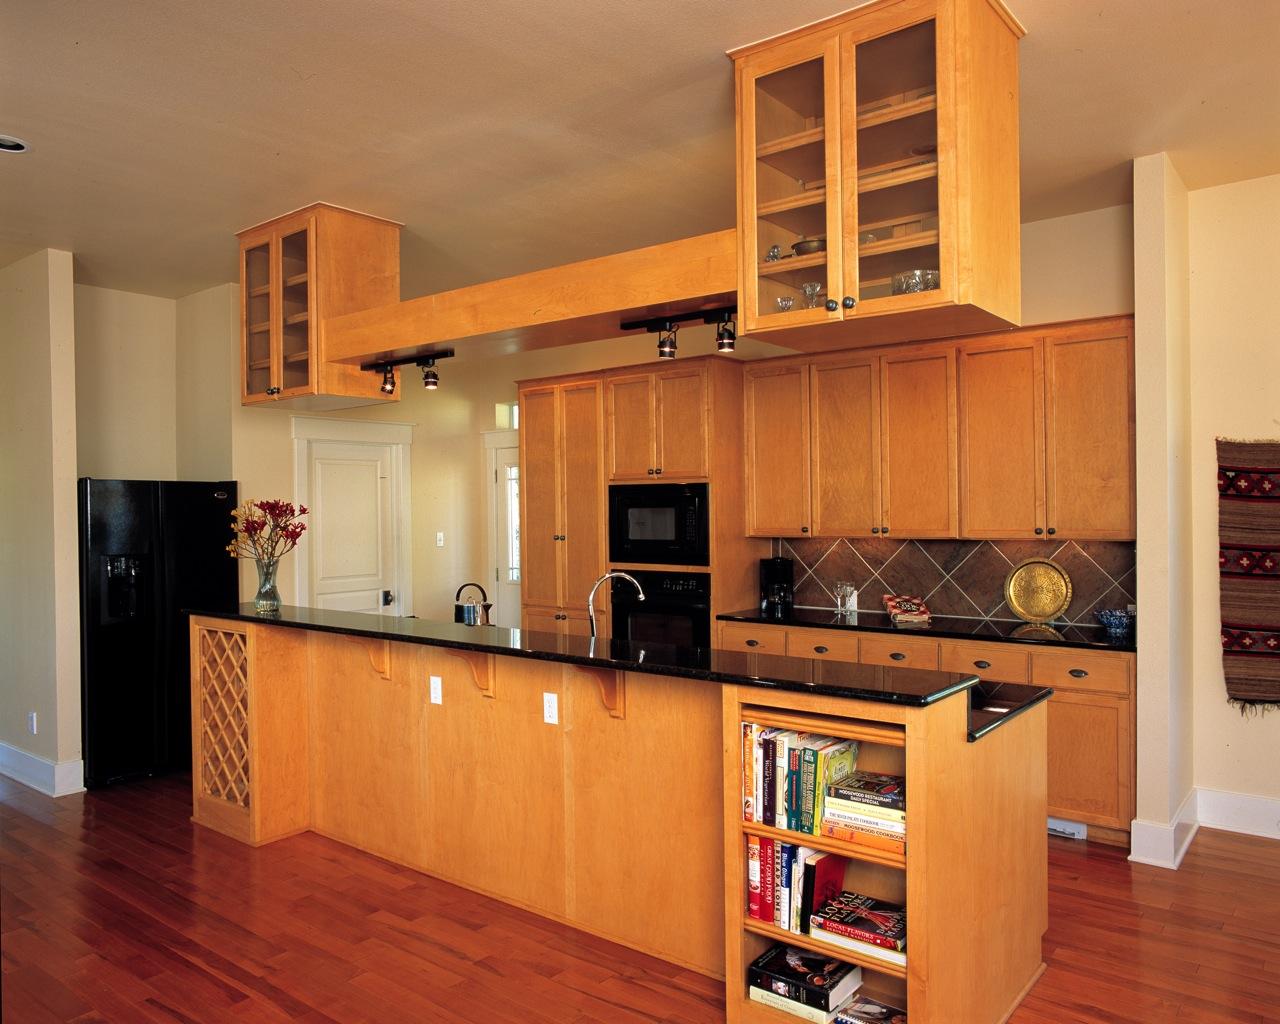 Sage_Creek_Morris_Interior_Kitchen.jpg